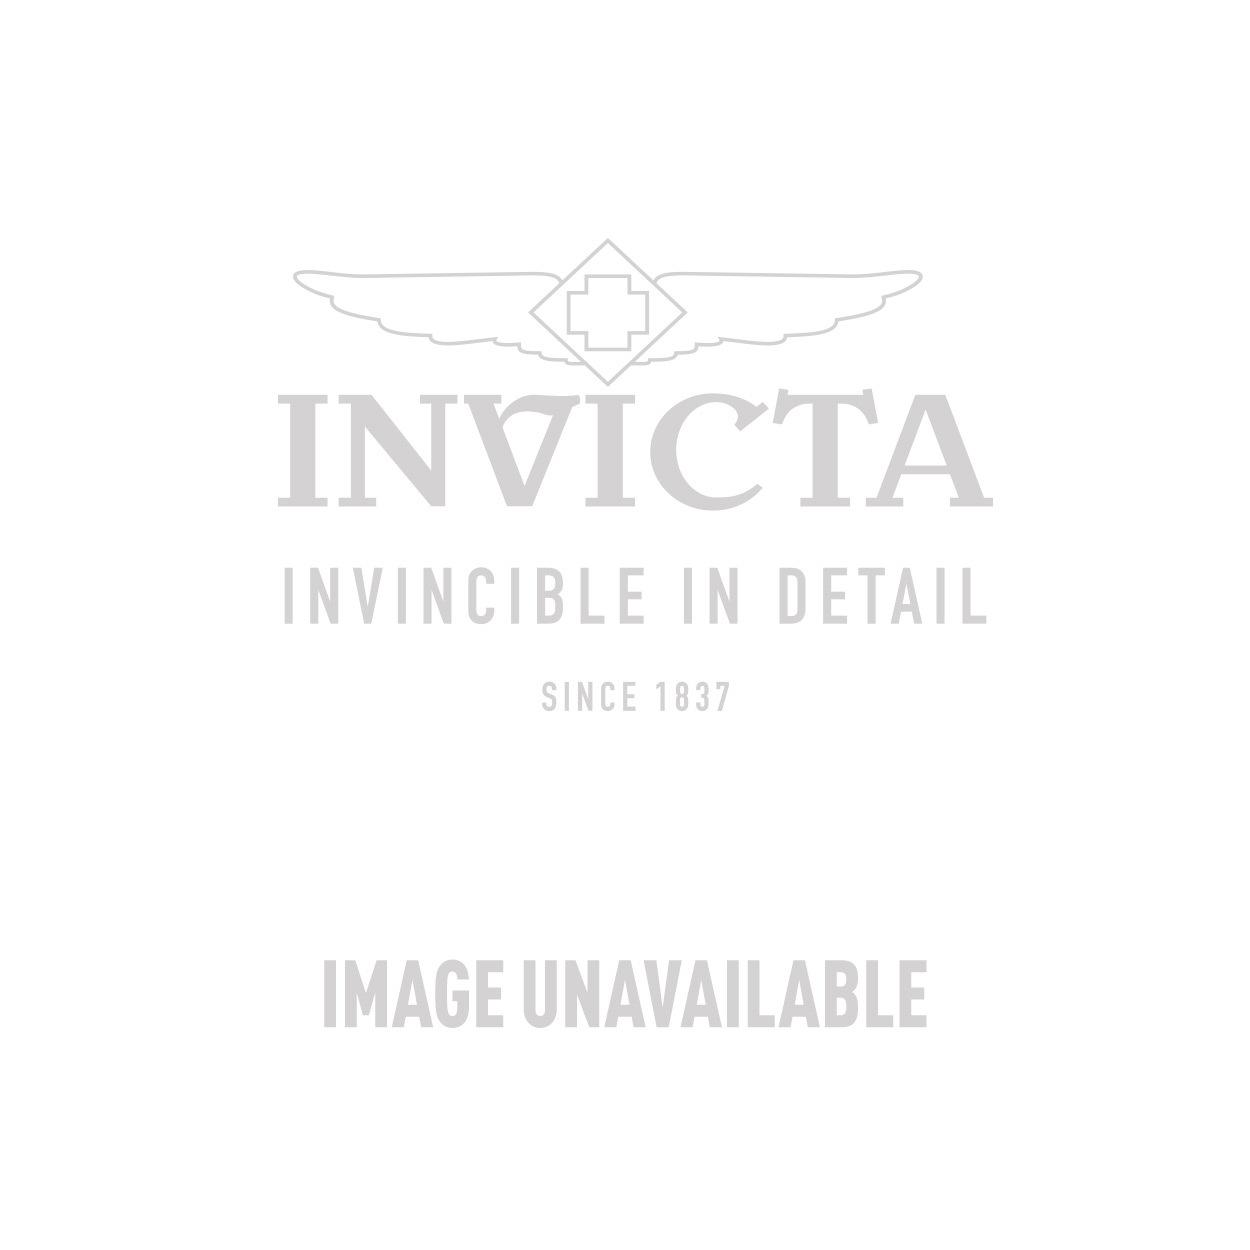 Invicta Model 25258